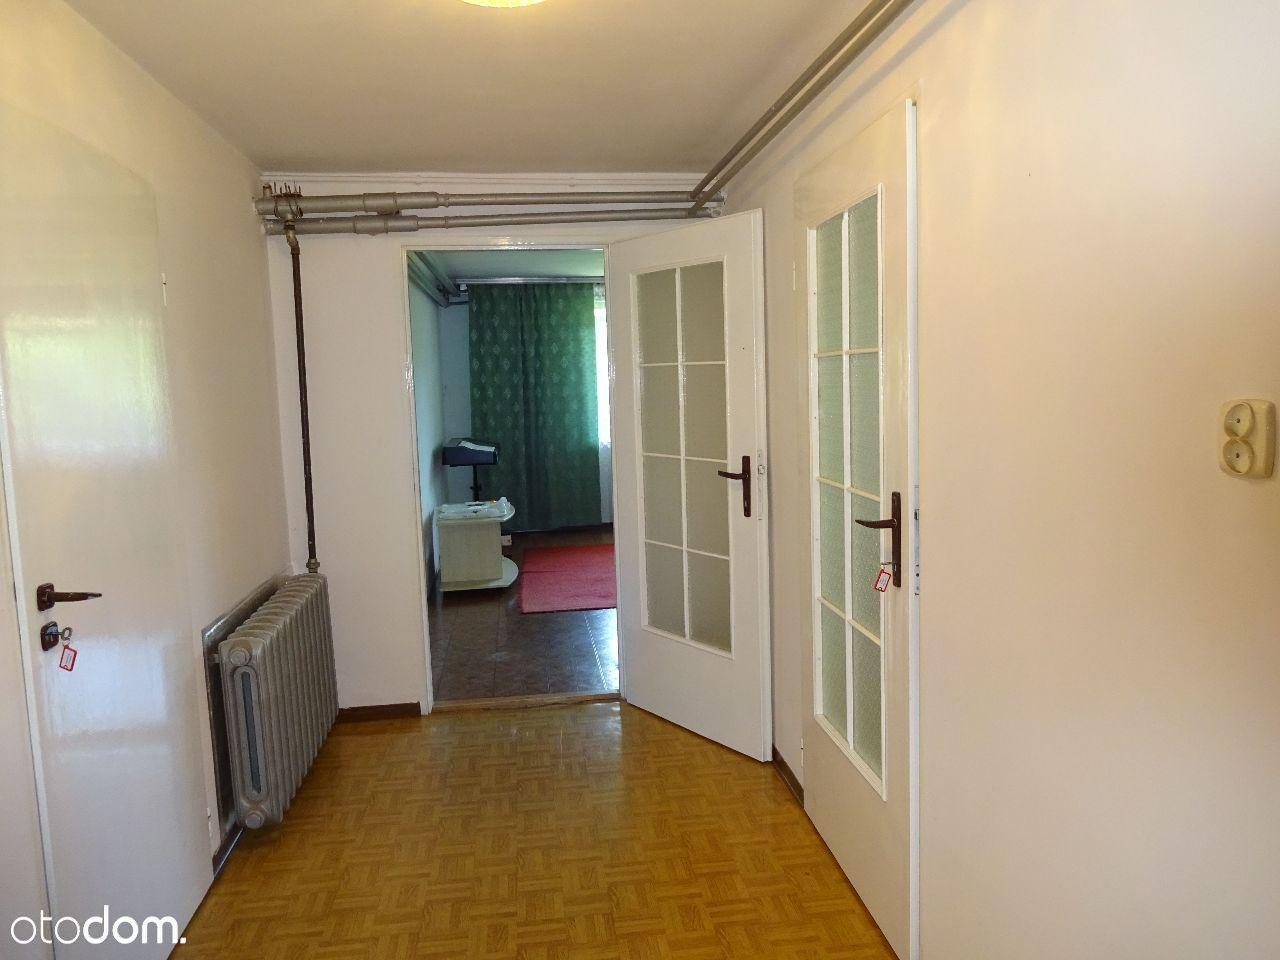 Dom na sprzedaż, Błażowa Dolna, rzeszowski, podkarpackie - Foto 10